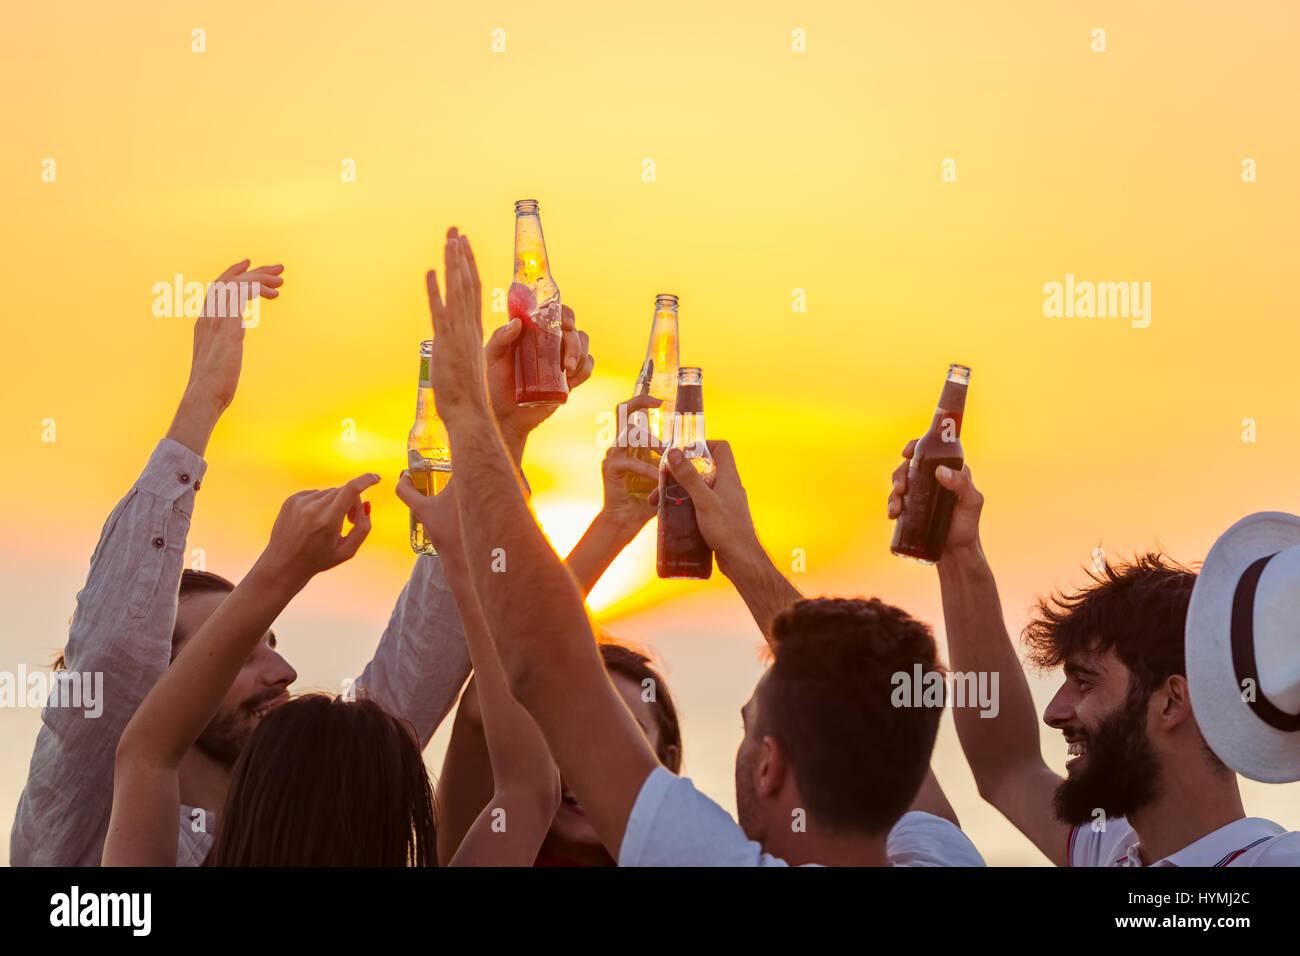 Amici Beach Party drink Toast celebrazione Concept Immagini Stock